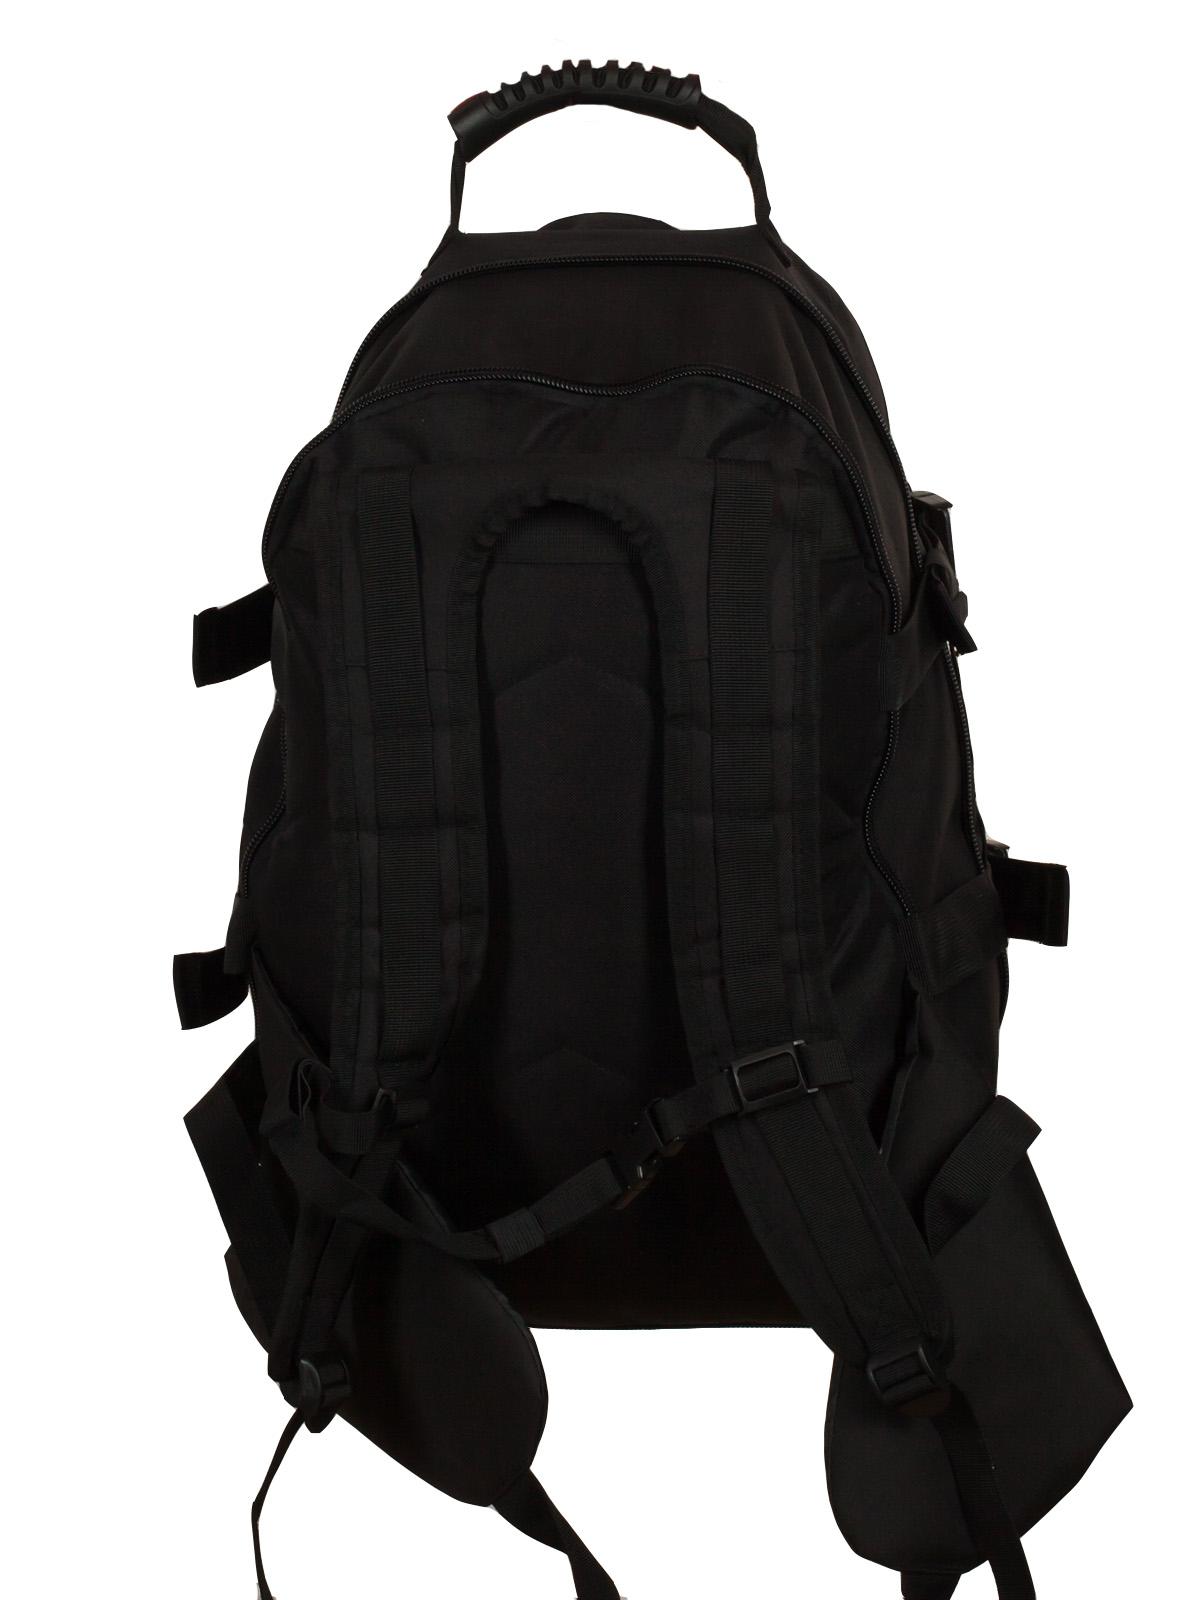 Темный трехдневный рюкзак с нашивкой Русская Охота - купить в розницу